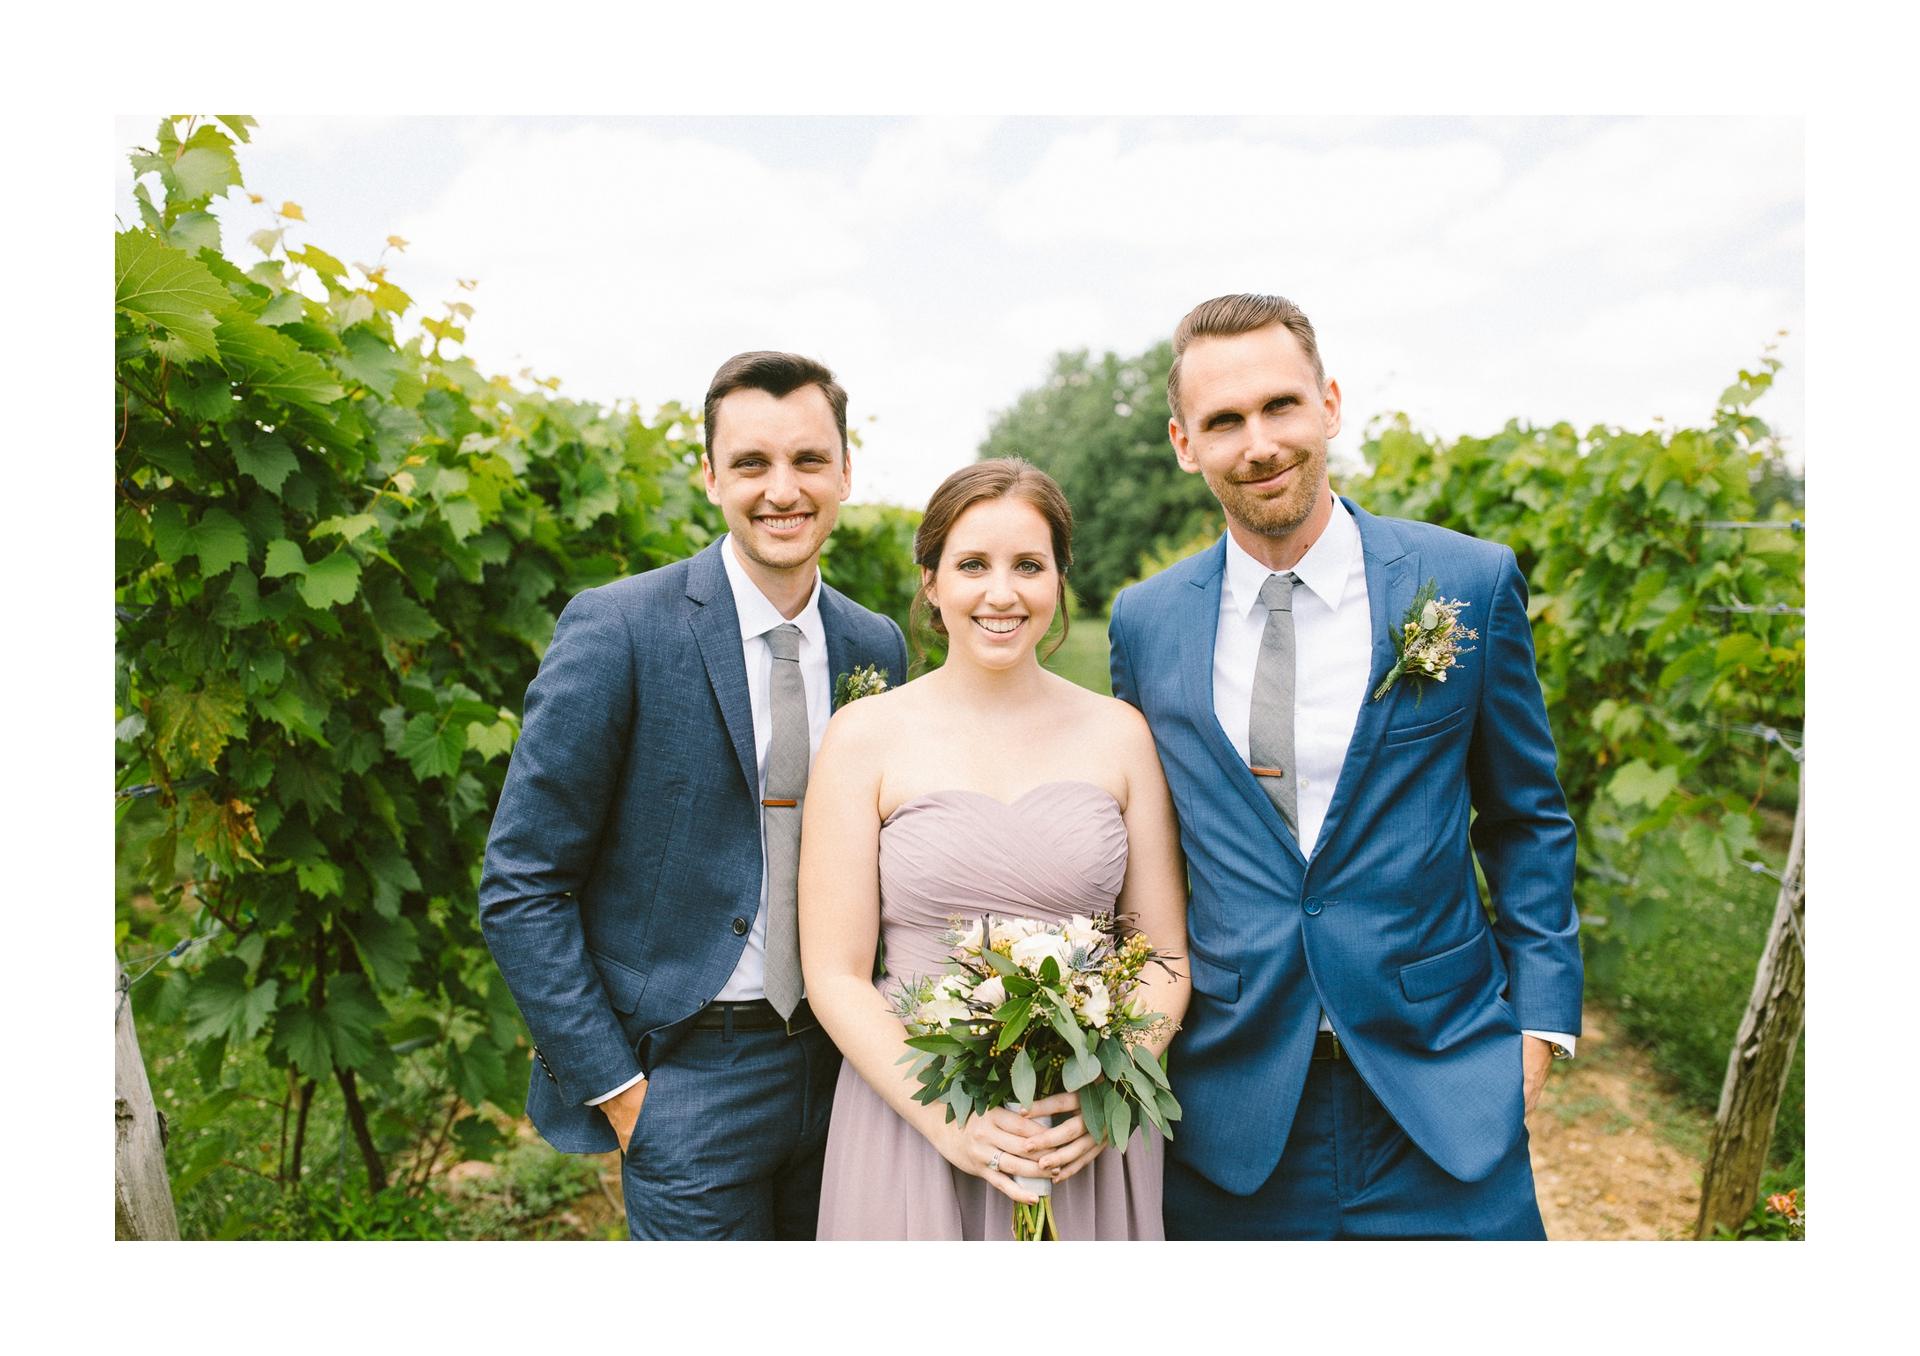 Gervasi Wedding Photographer in Canton Ohio 39.jpg